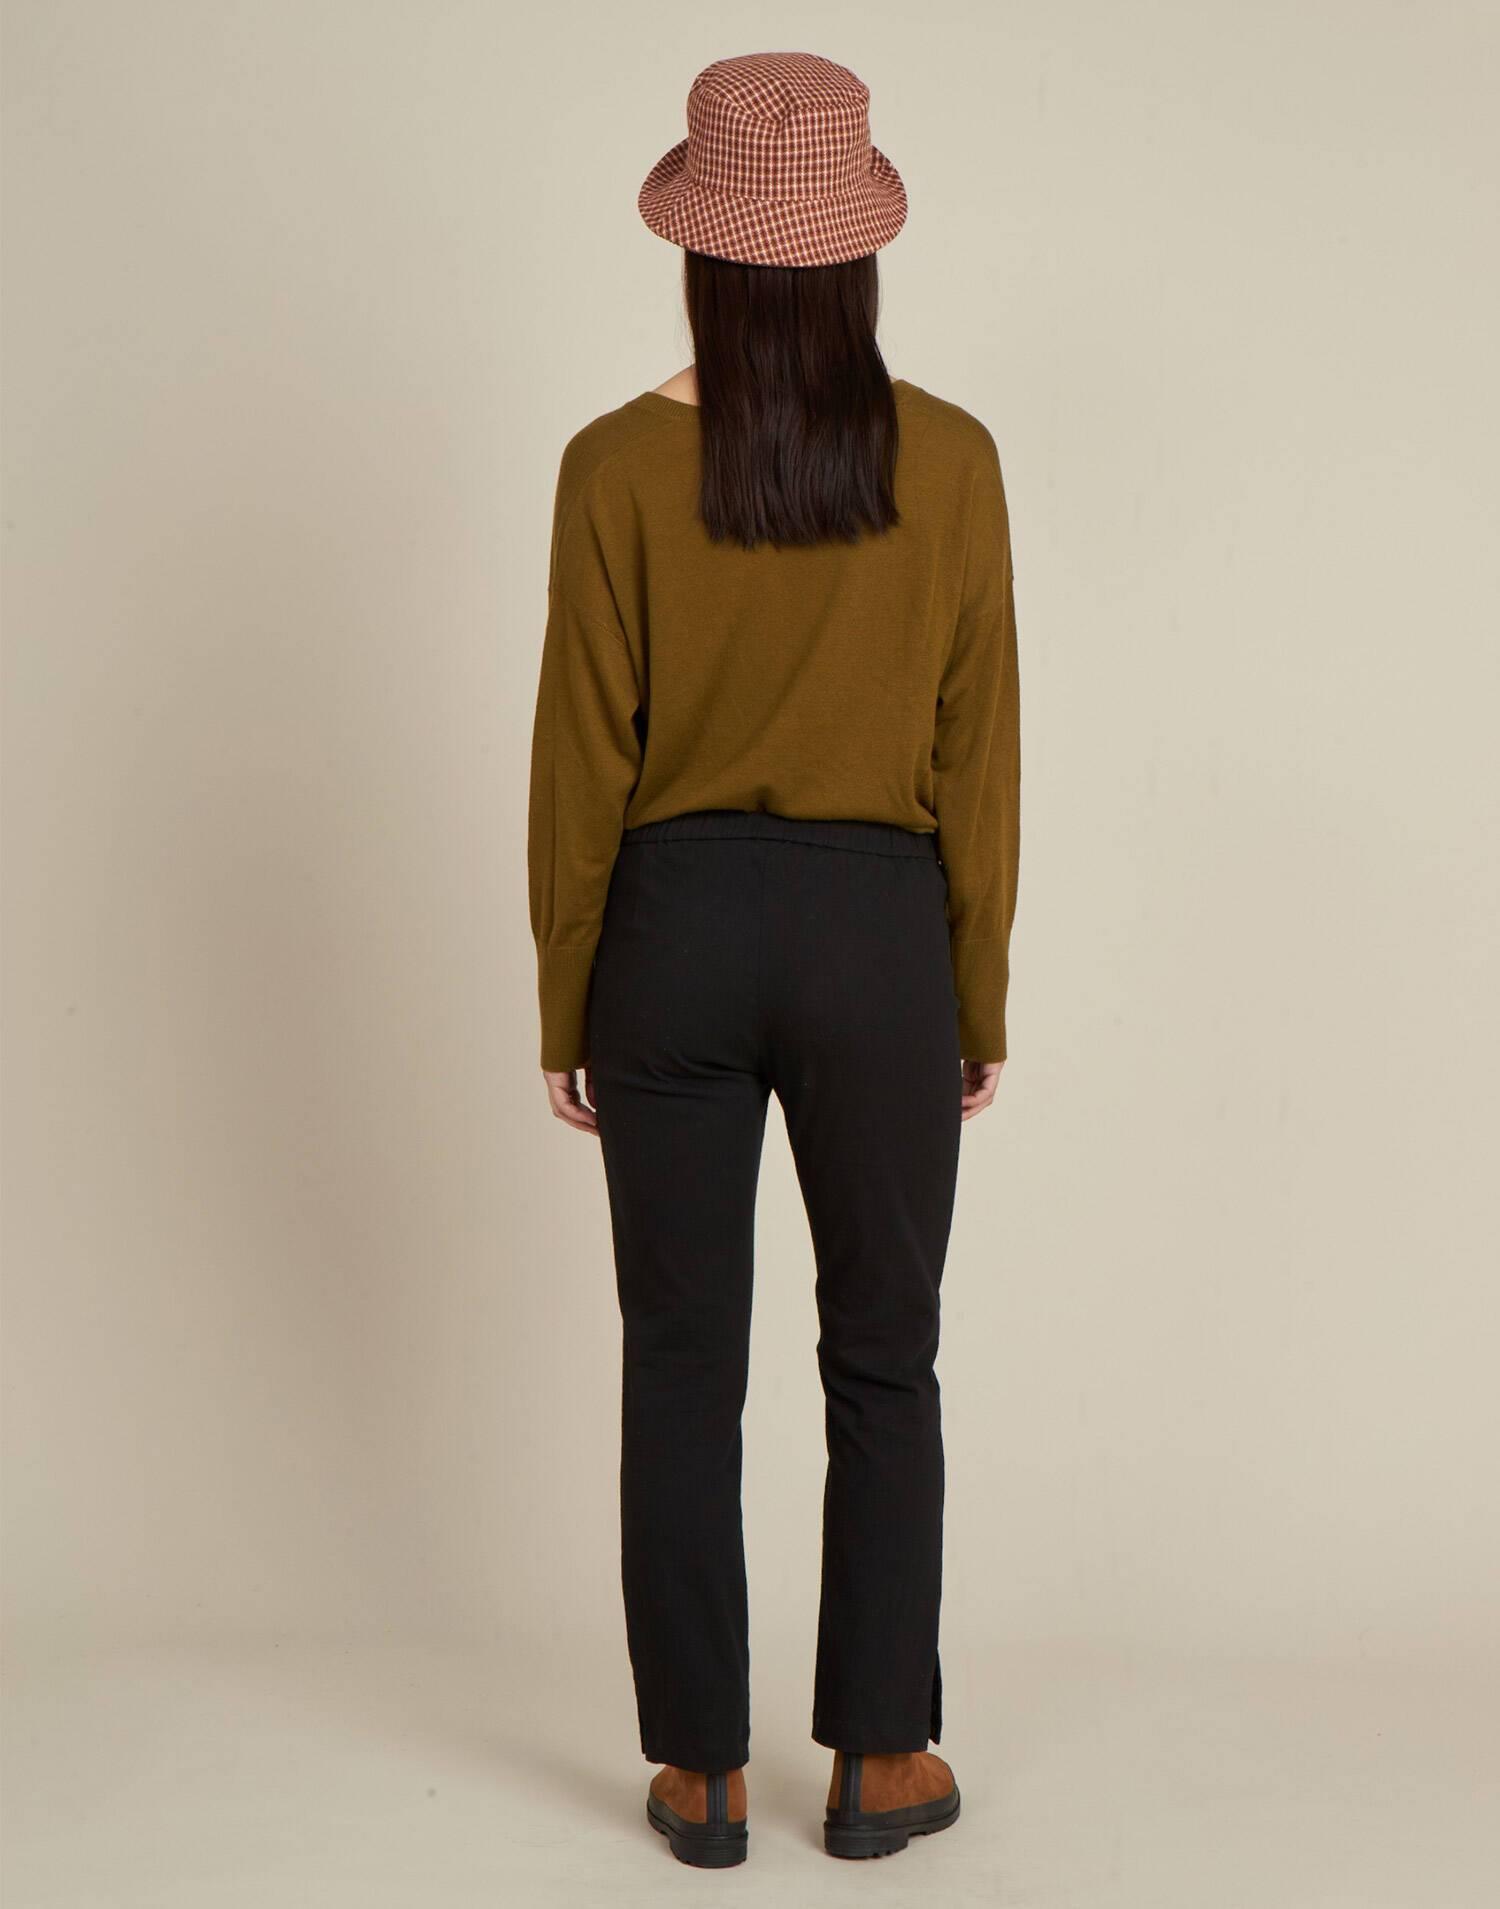 Pantalón básico con botones en el bajo